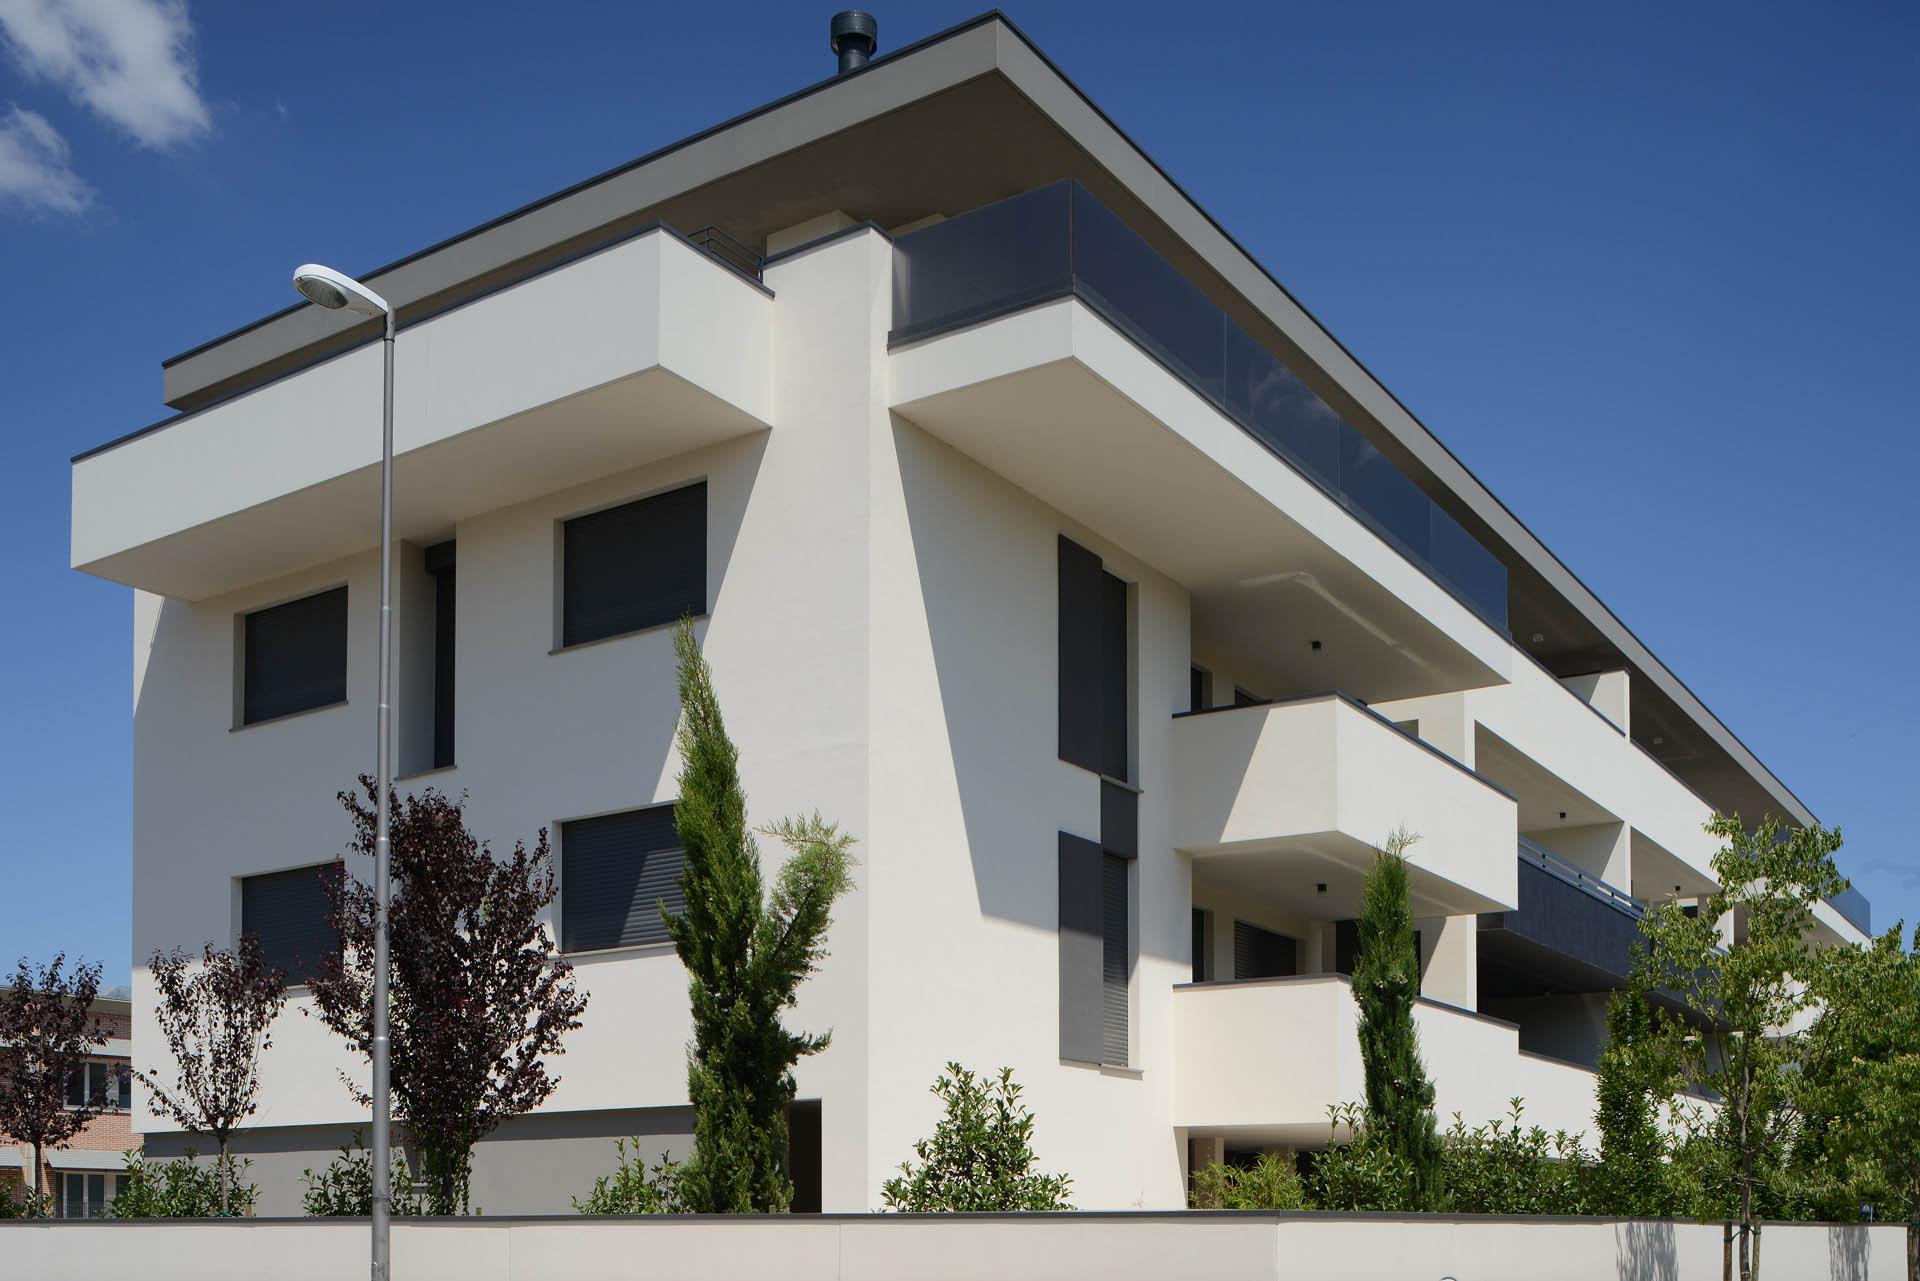 02 Studio Bacchi architetti associati condominio Schuman img 02